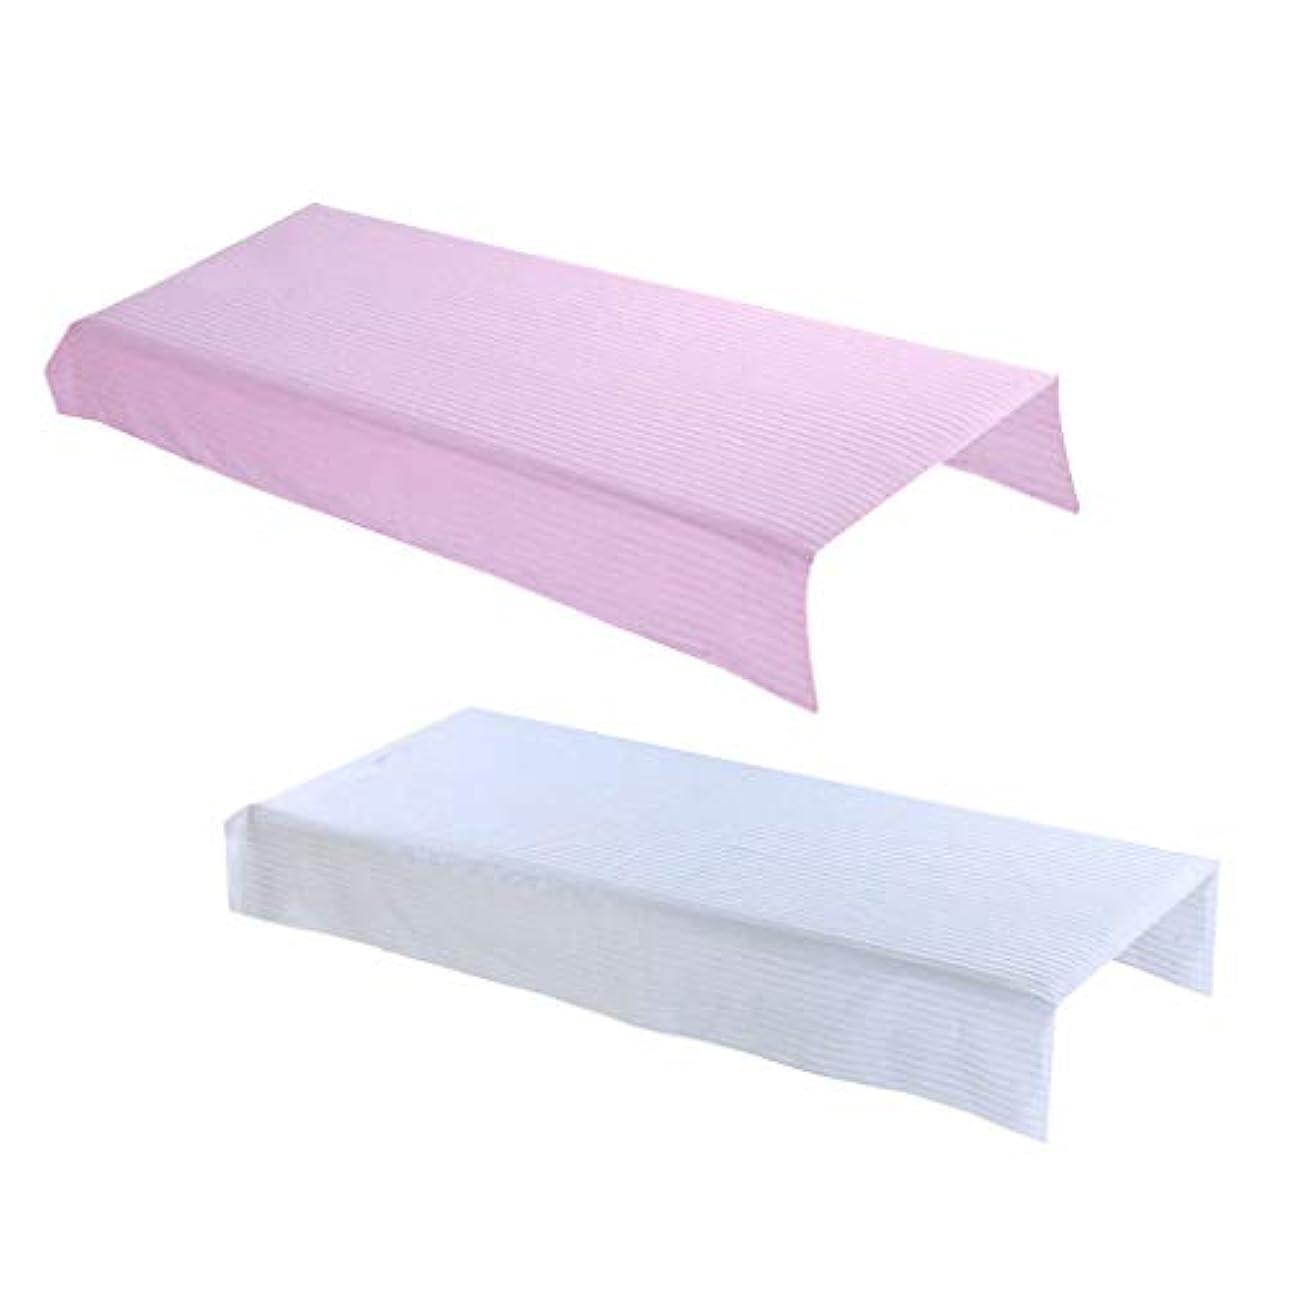 ホテルゲスト思いつくsharprepublic マッサージベッド カバー スパベッドカバー 美容ベッドシート マッサージテーブルカバー